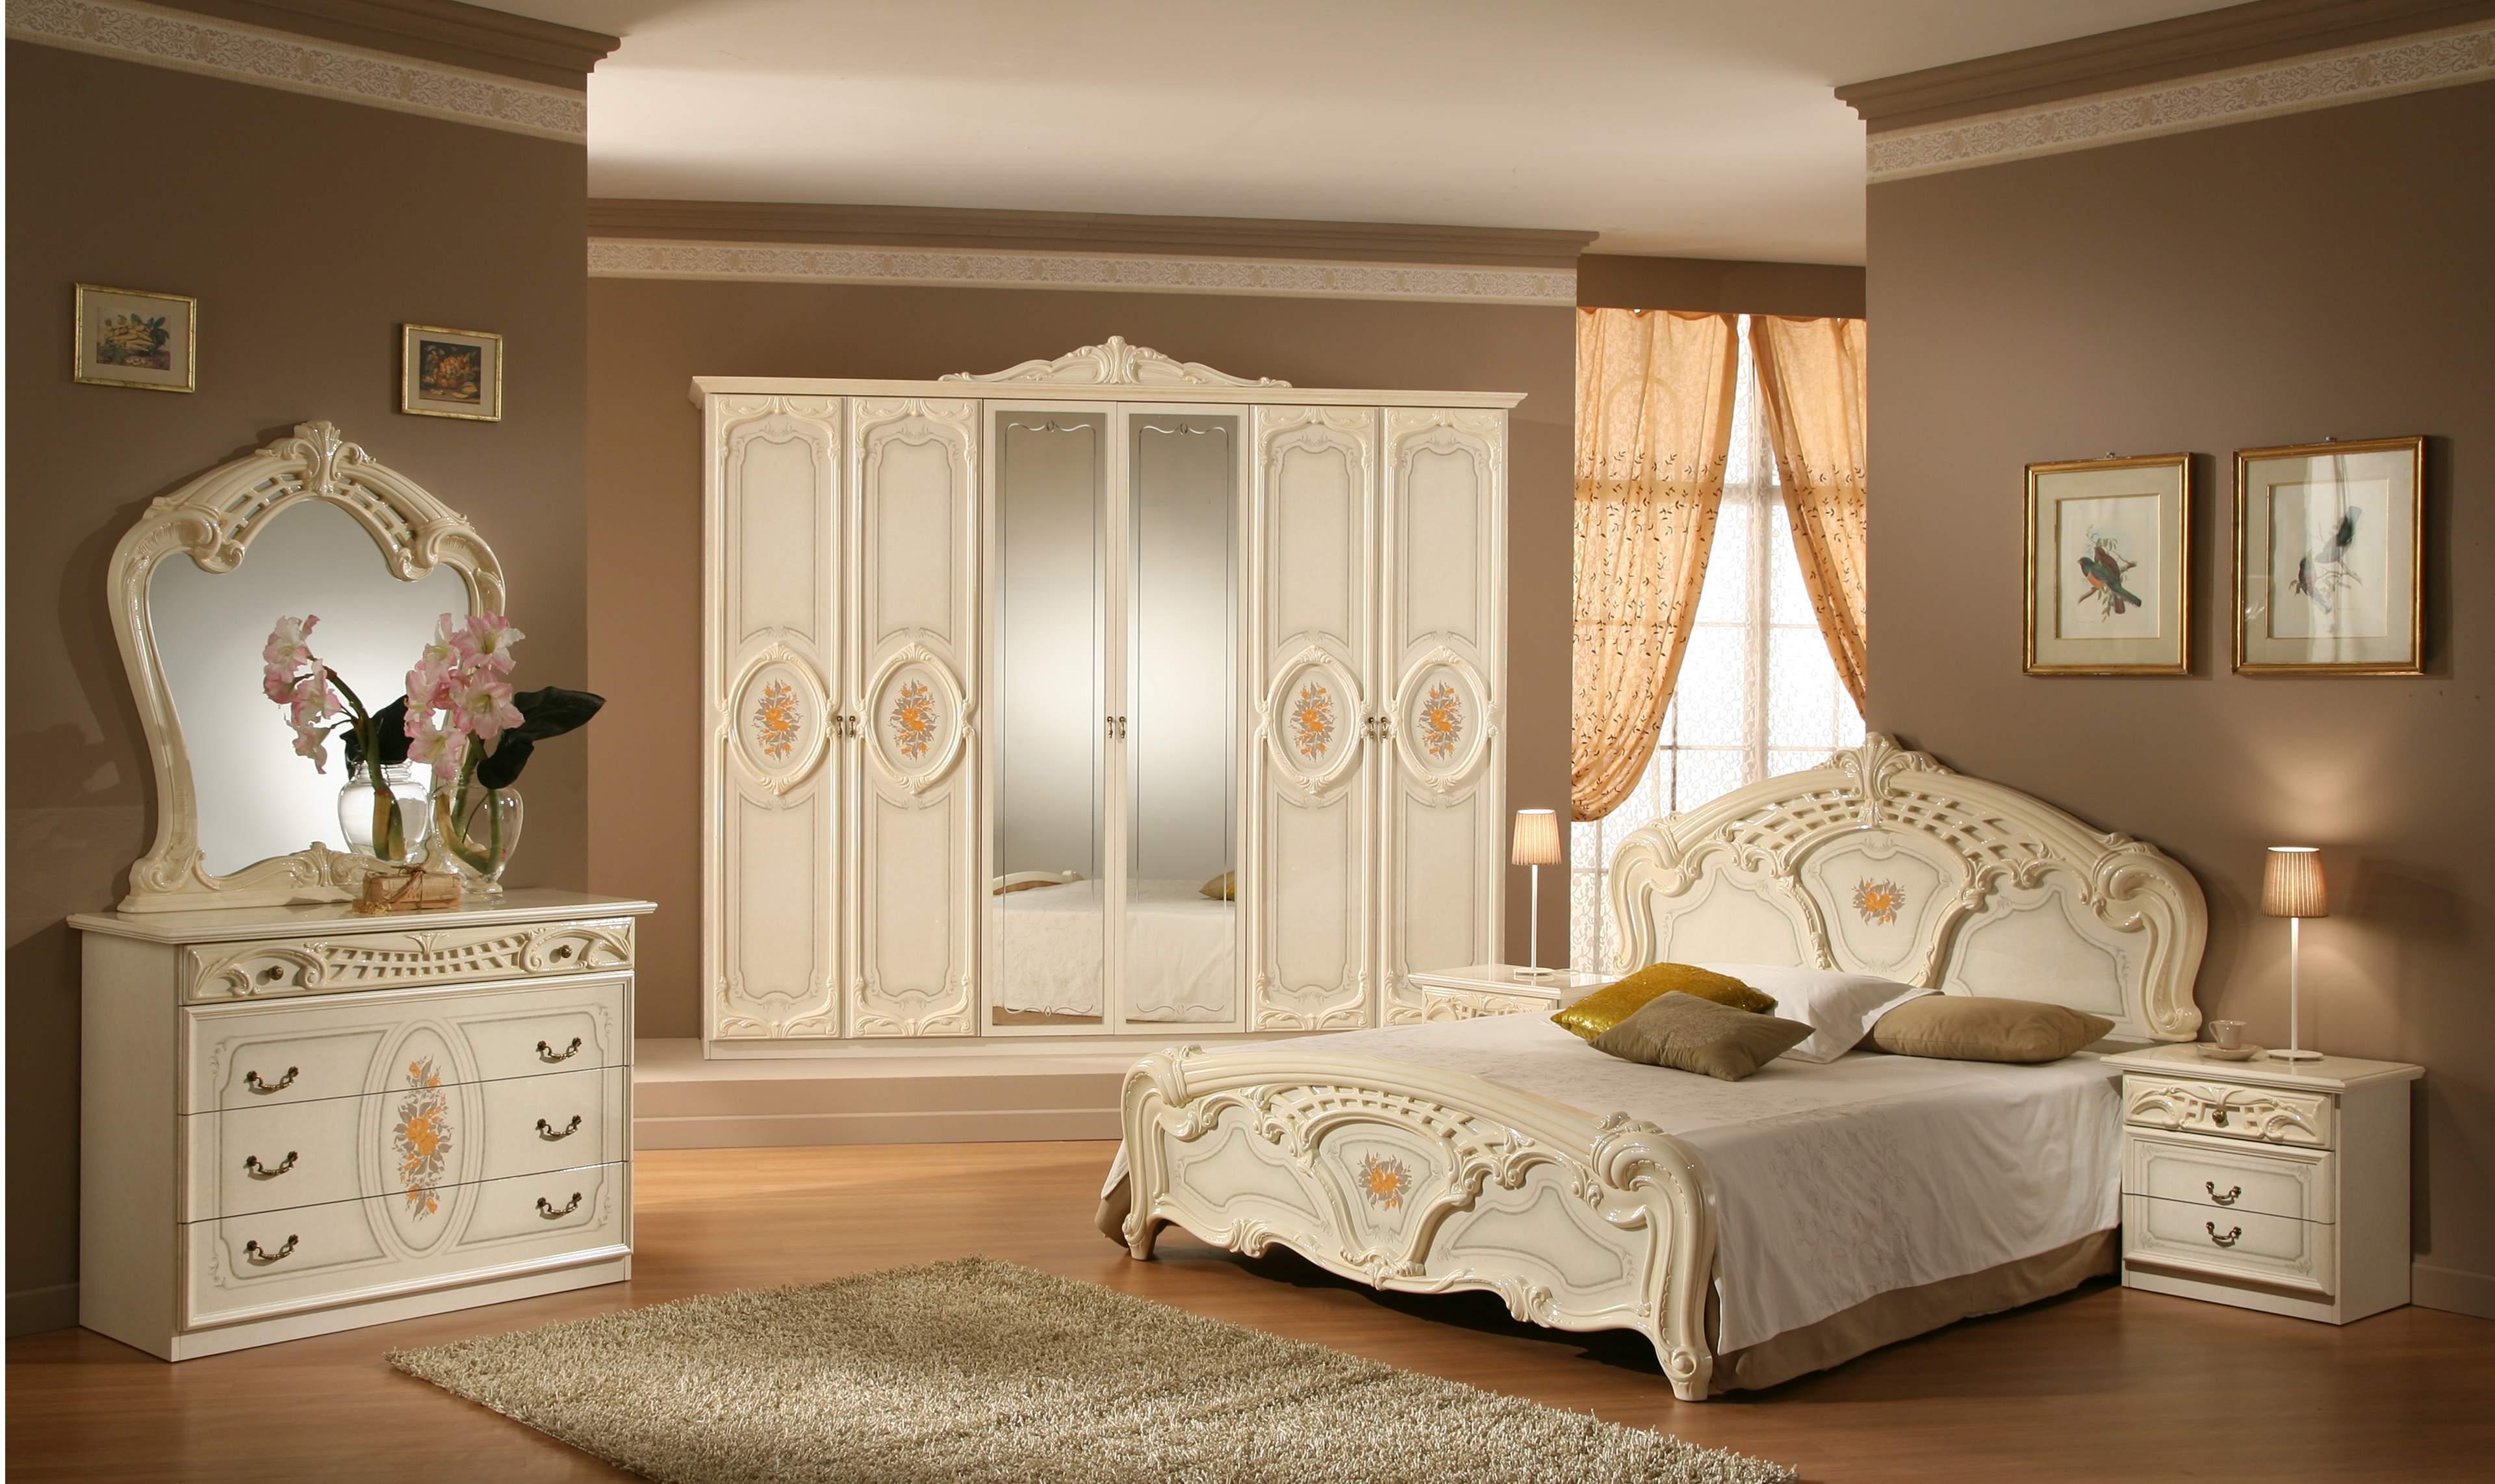 Фото дизайна мебели для спальни